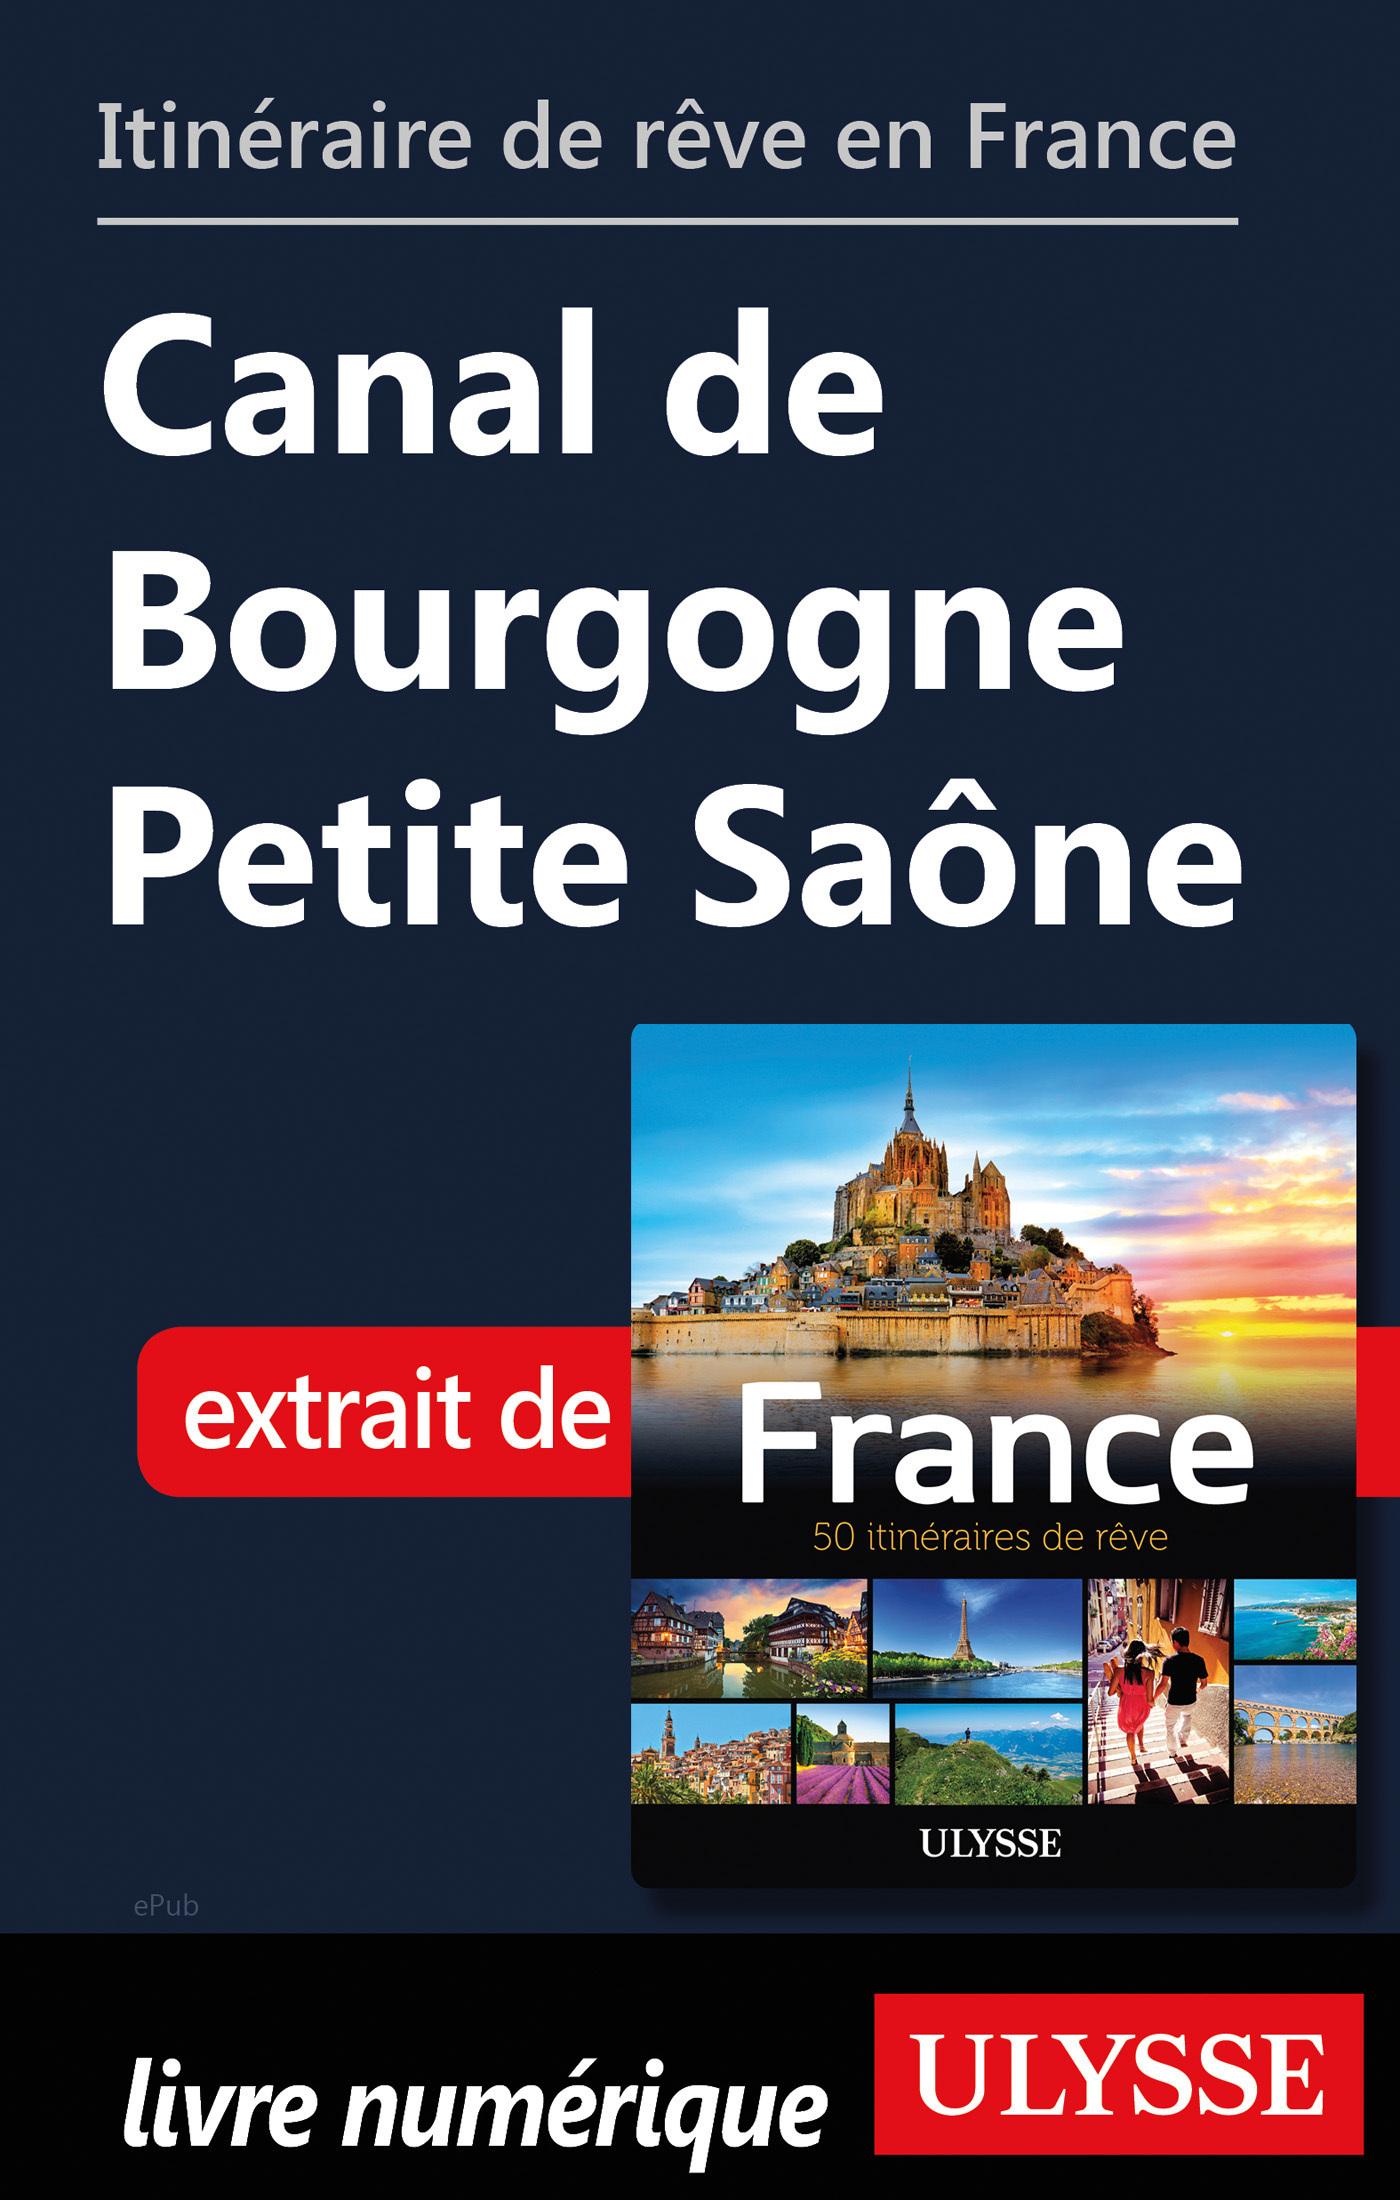 Itinéraire de rêve en France - Canal de Bourgogne Petite Saône